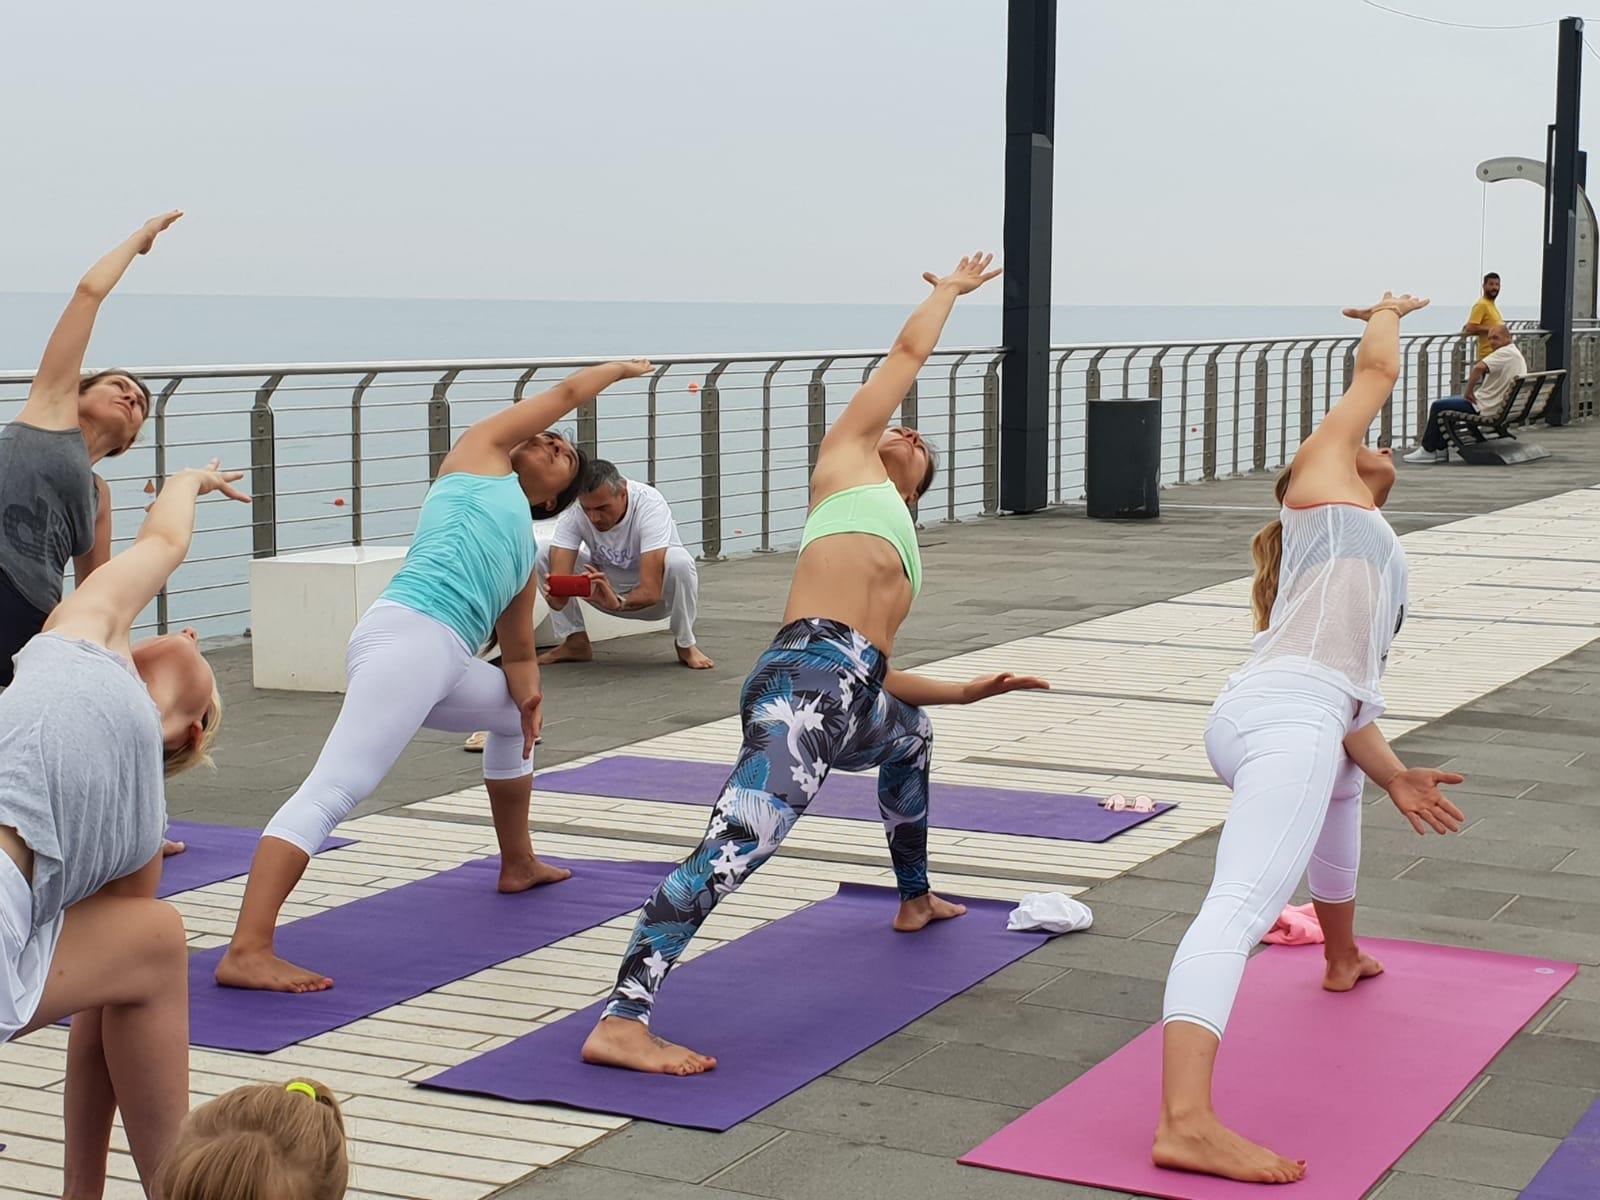 essere-free-yoga-gratuito-benessere-per-tutti-village-citta-alassio-estate-lucia-ragazzi-summer-town-wellness-086